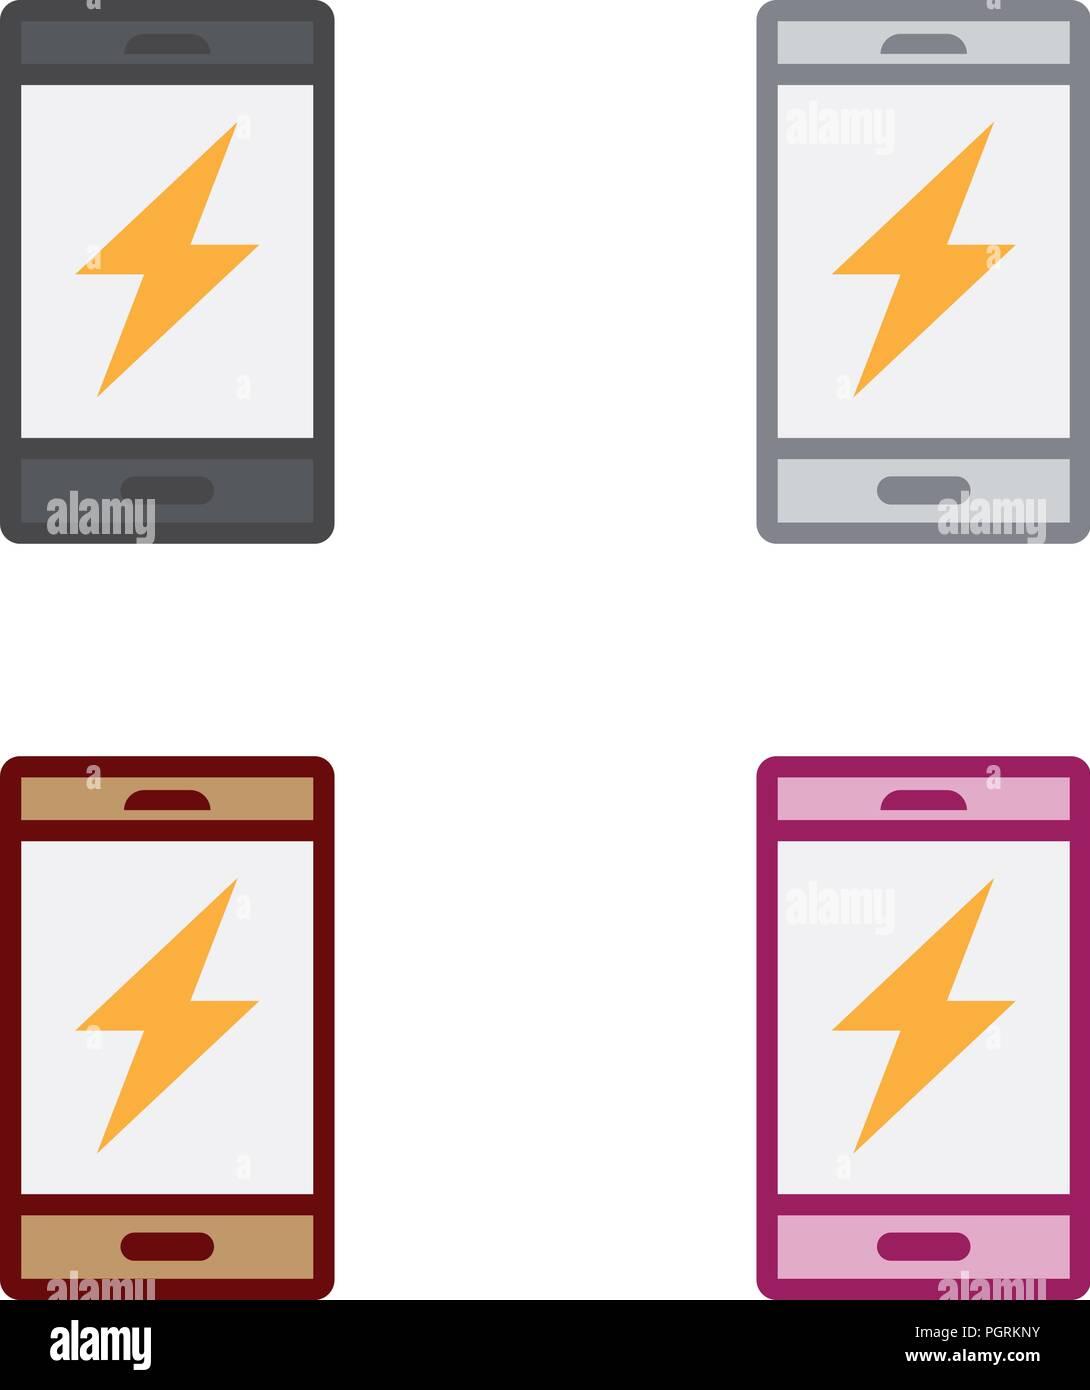 Charging smartphone - Stock Vector